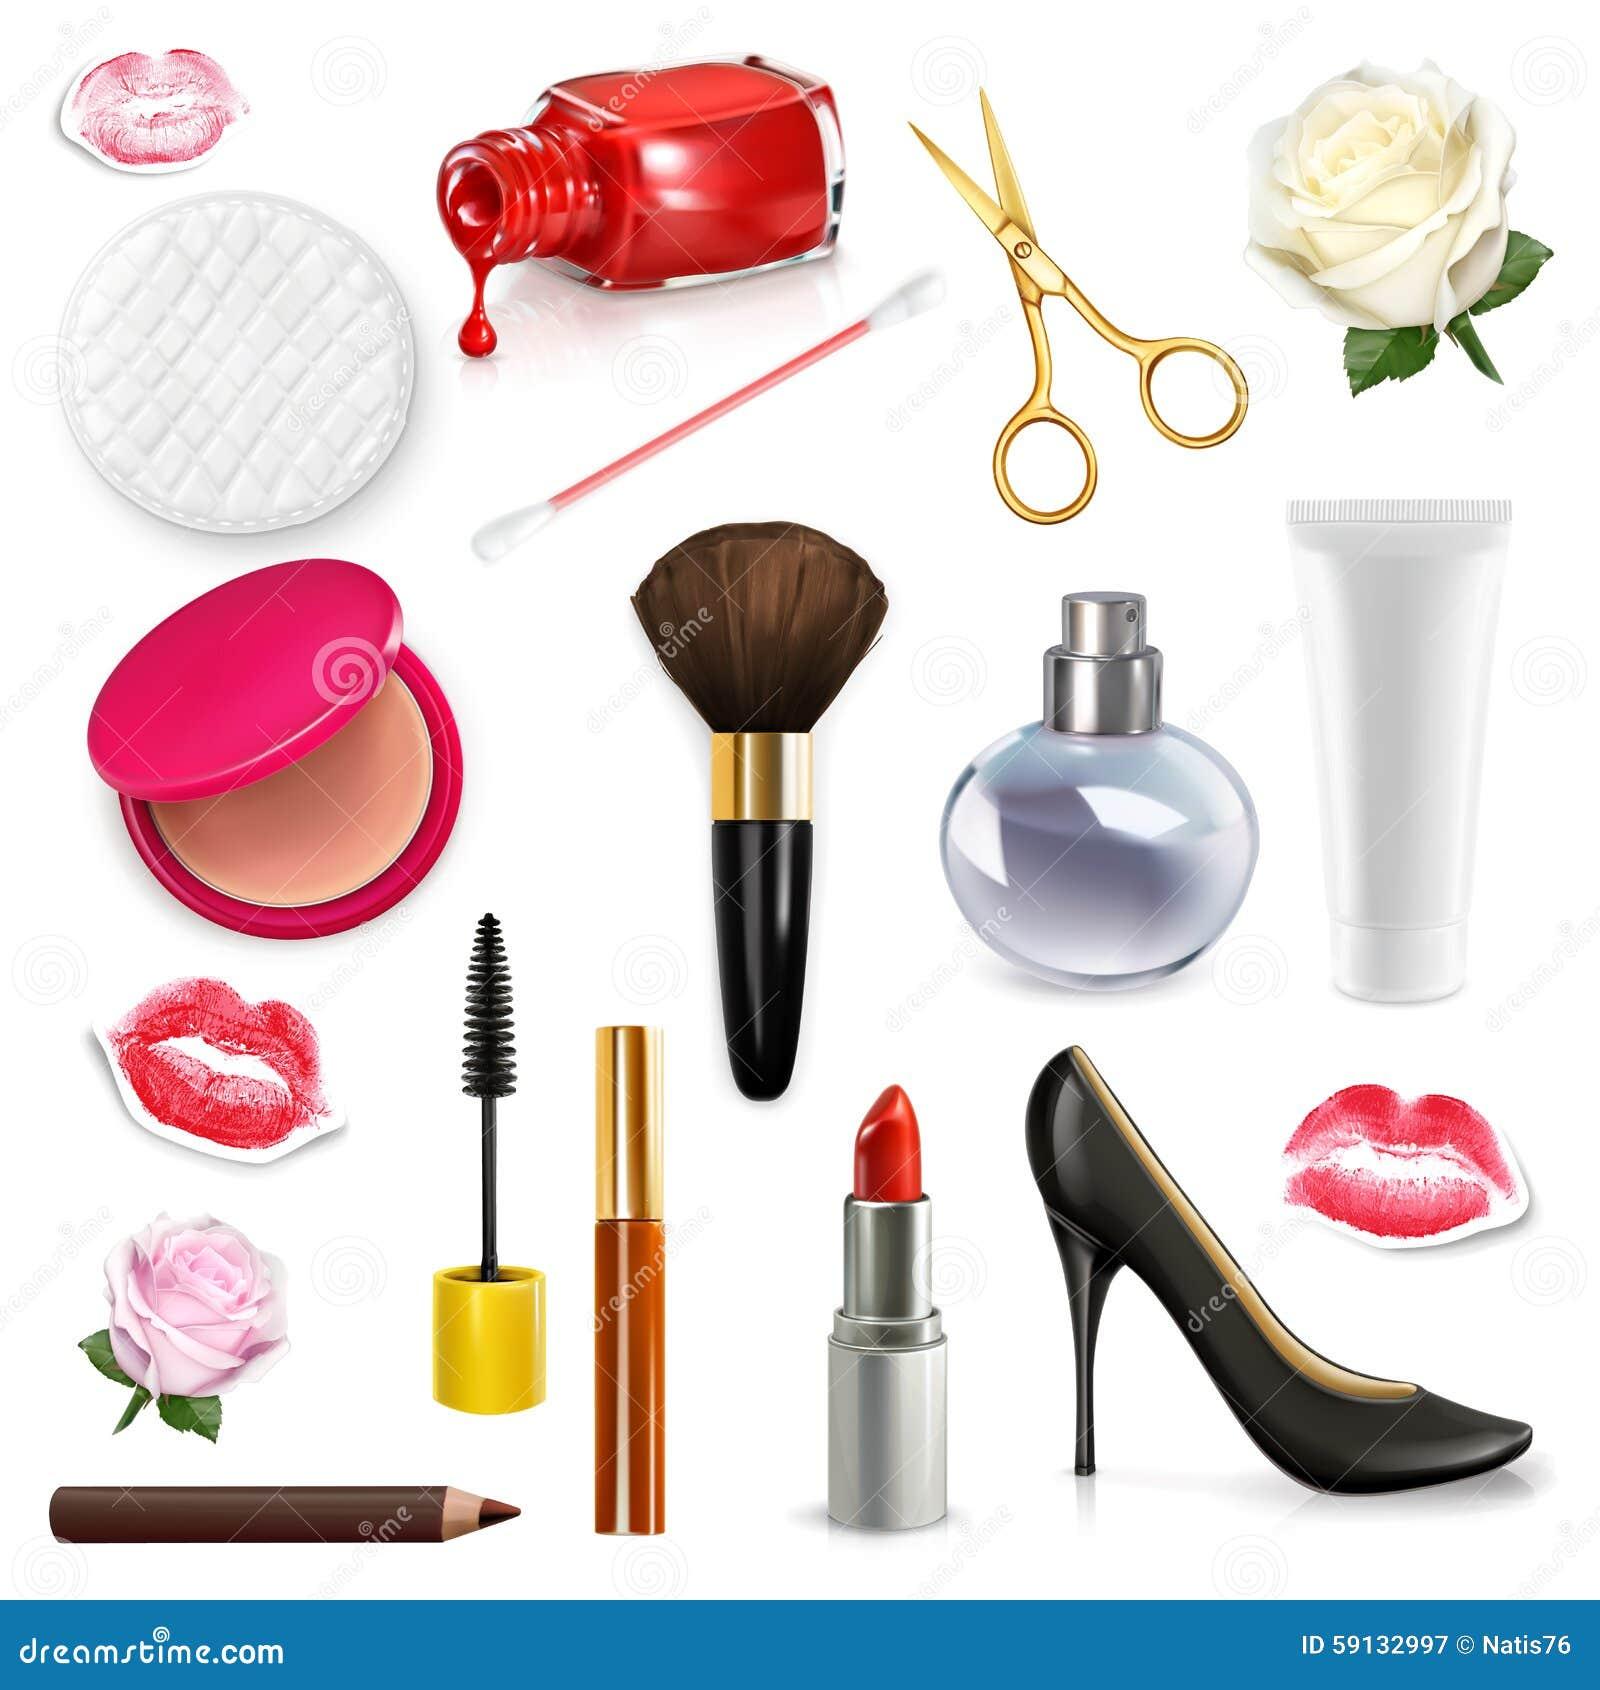 ba7b0dbce Cosméticos para mujer y accesorios, brote color de rosa, zapatos del tacón  alto, sistema del ejemplo del vector aislado en el fondo blanco